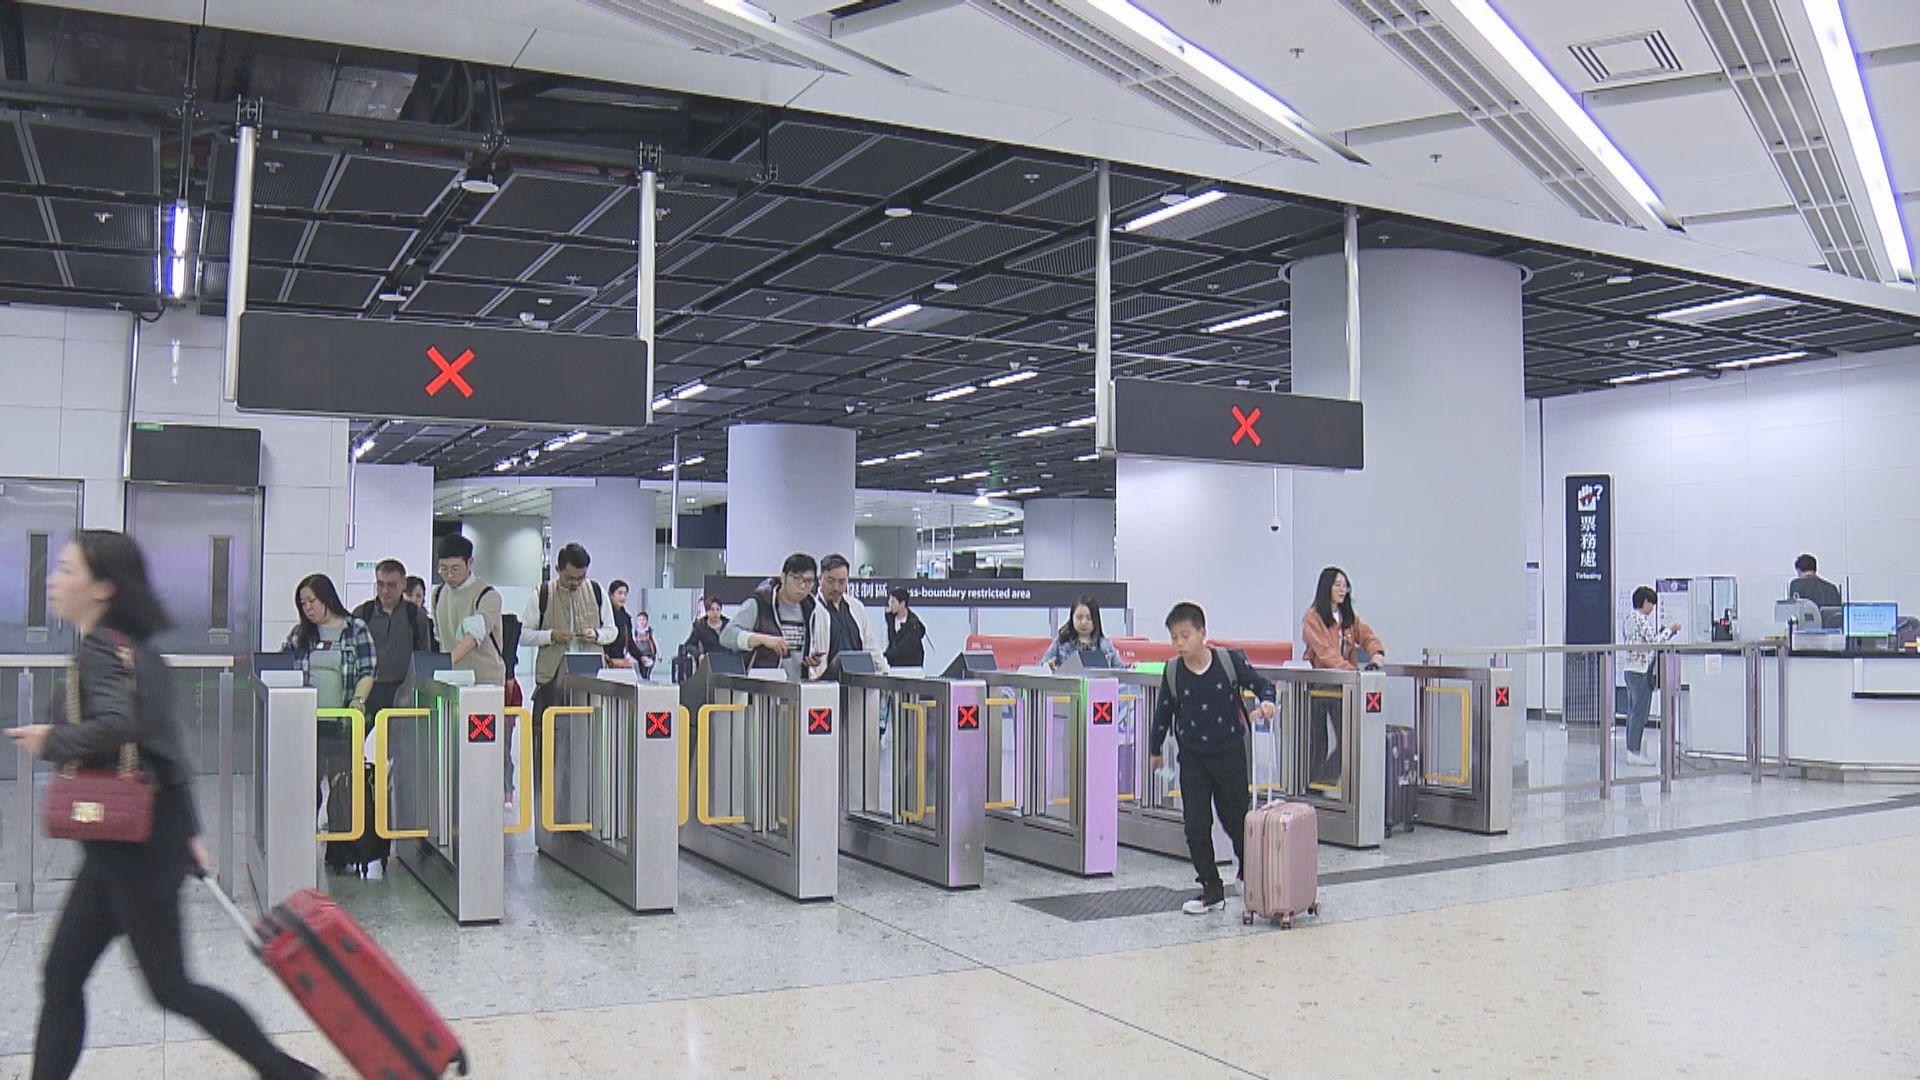 內地旅客過關須接受查詢 指自願申報存漏洞